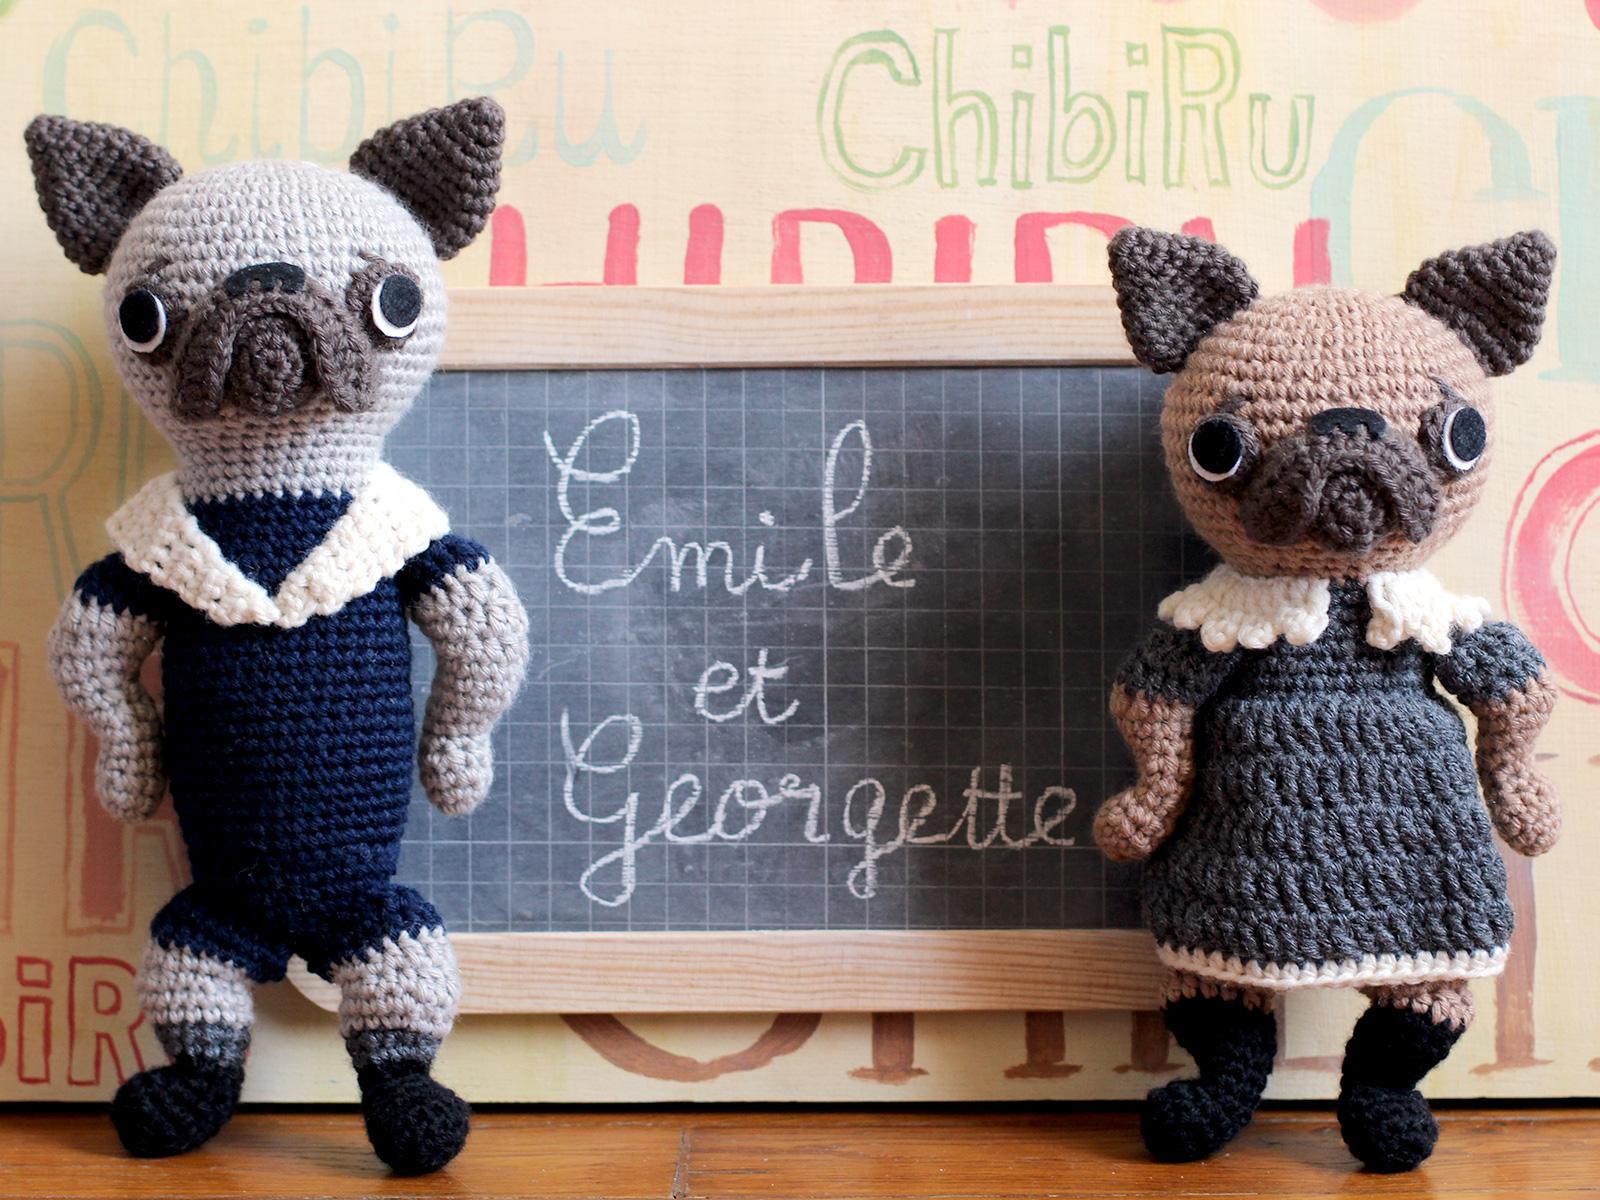 Émile & Georgette